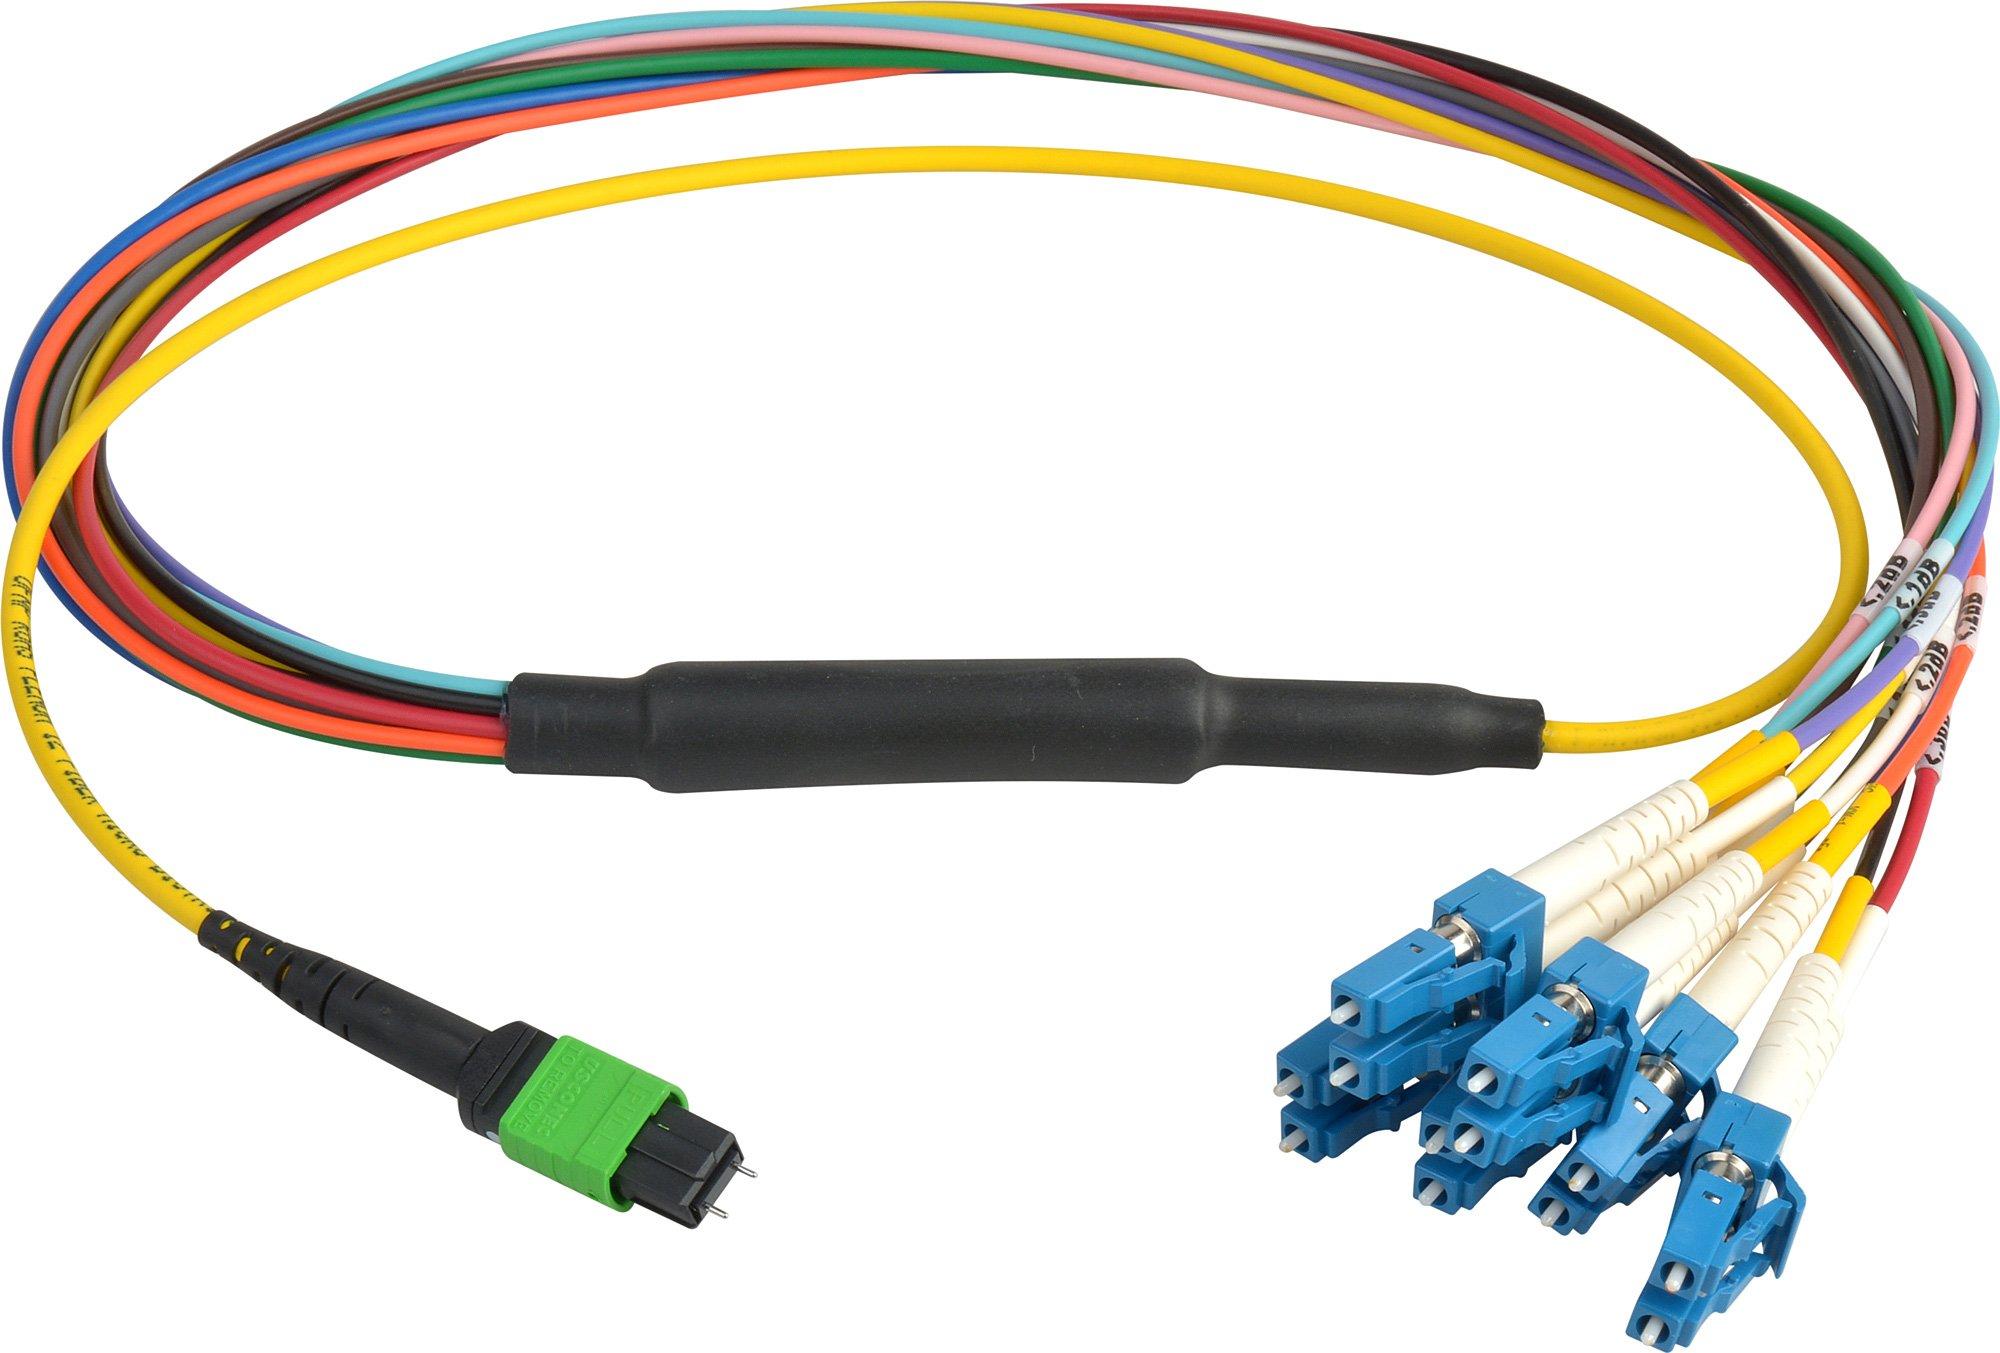 MTP MPO Fiber Optic Cables